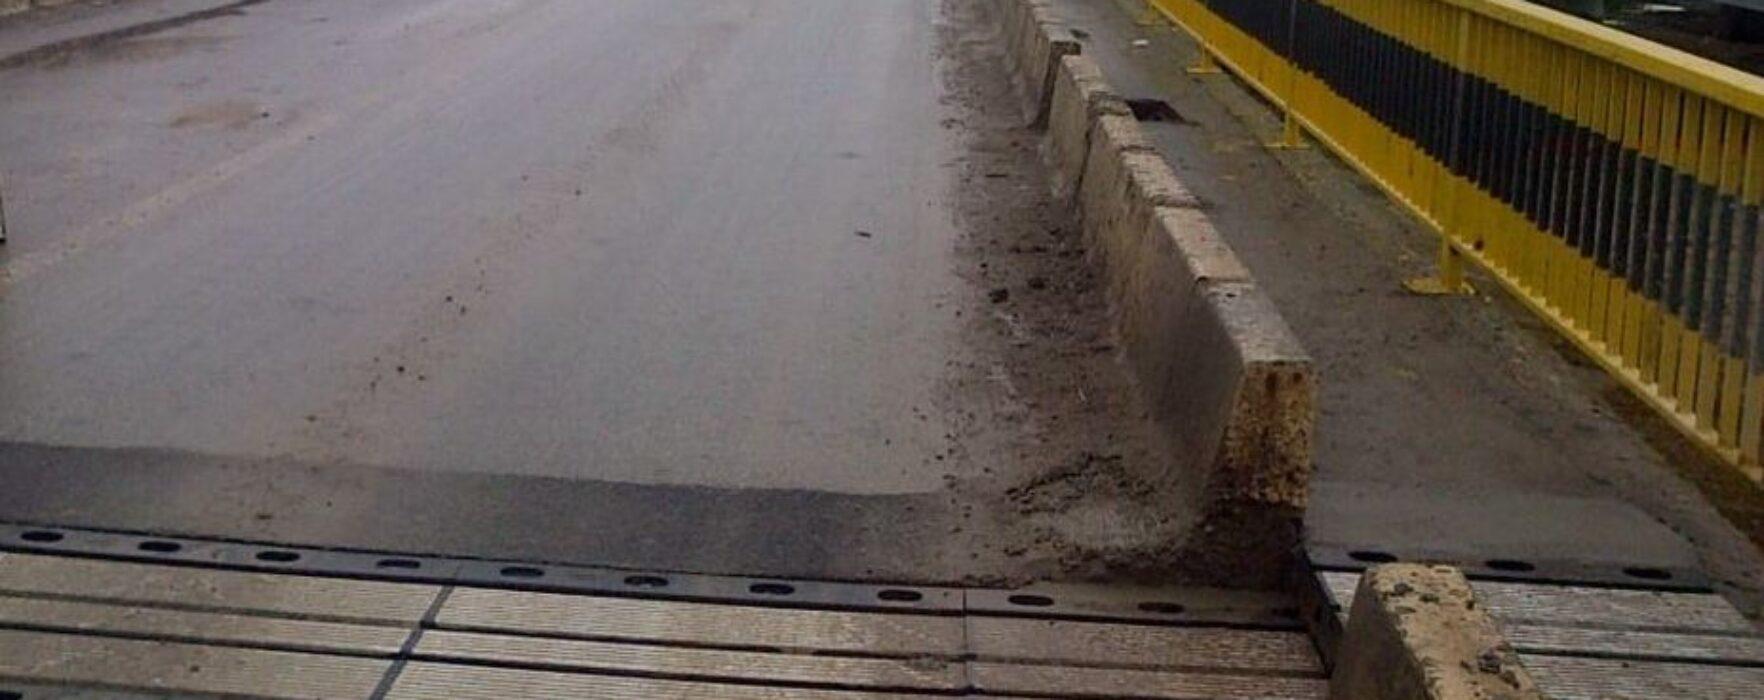 Dâmboviţa: Podul peste Ialomiţa, pe DN 71, de la Pucioasa, în stare avansată de degradare; riscă să fie închis circulaţiei